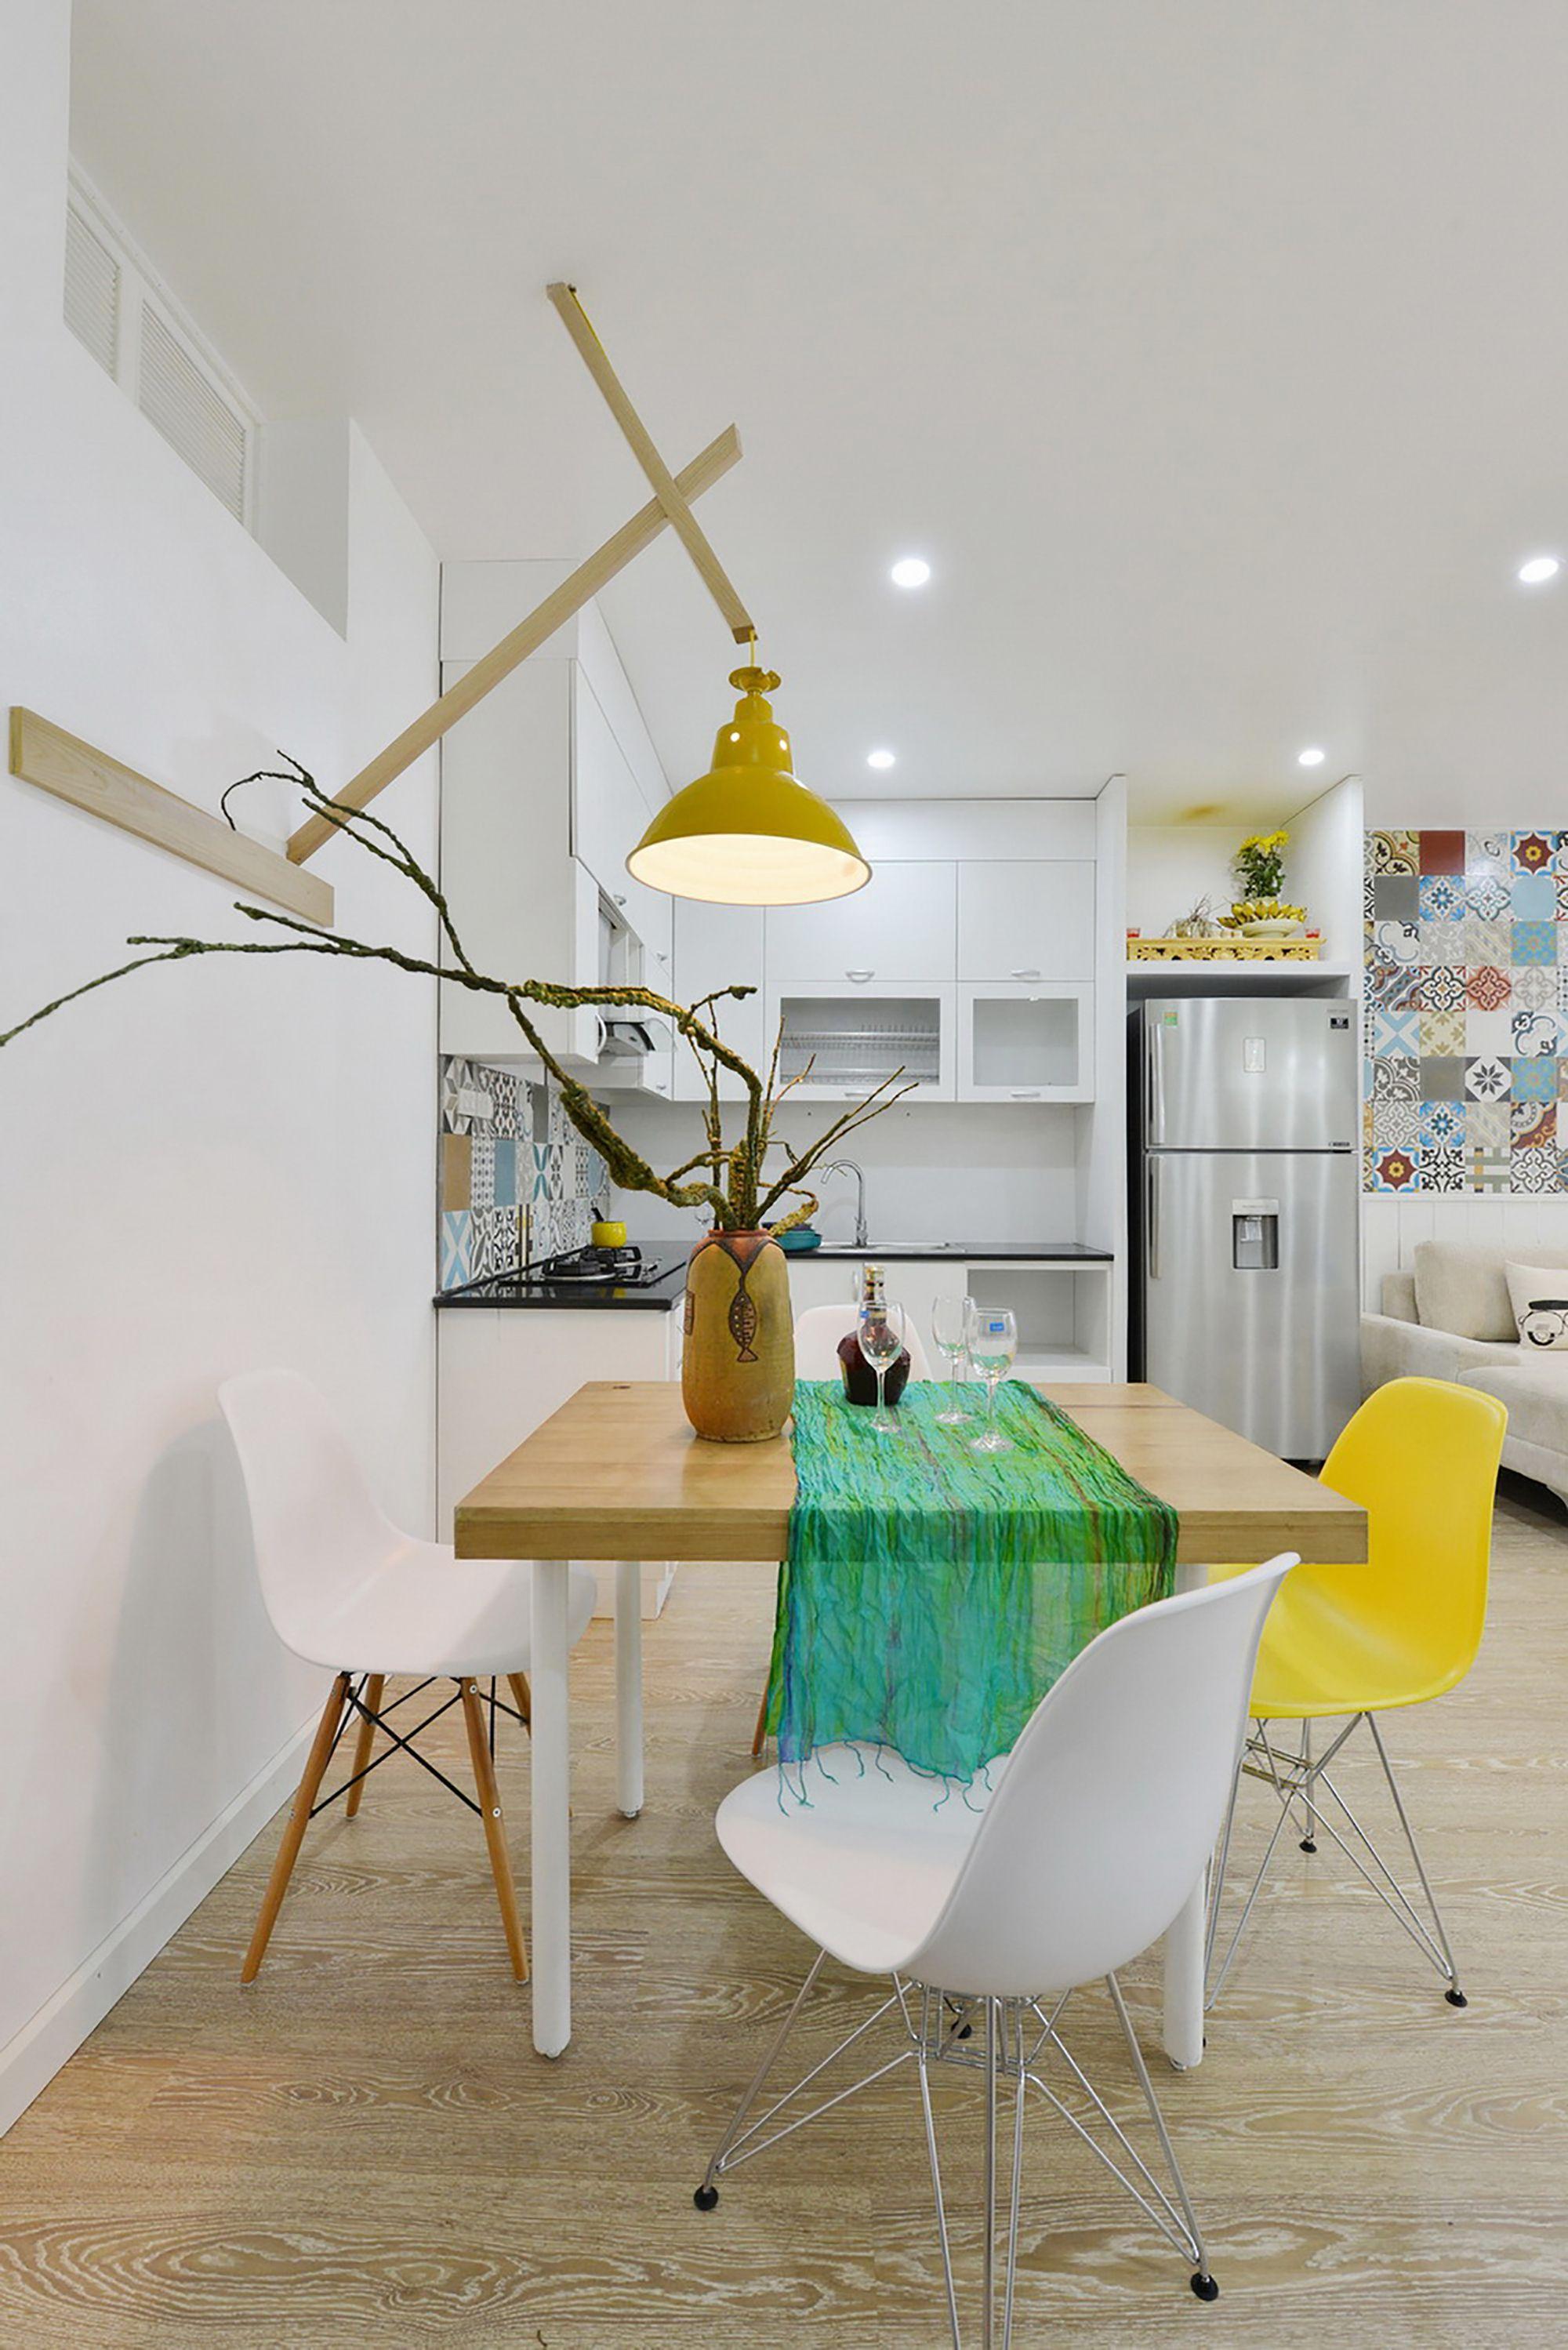 moderen-apartament-s-tsveten-i-udoben-interior-5g